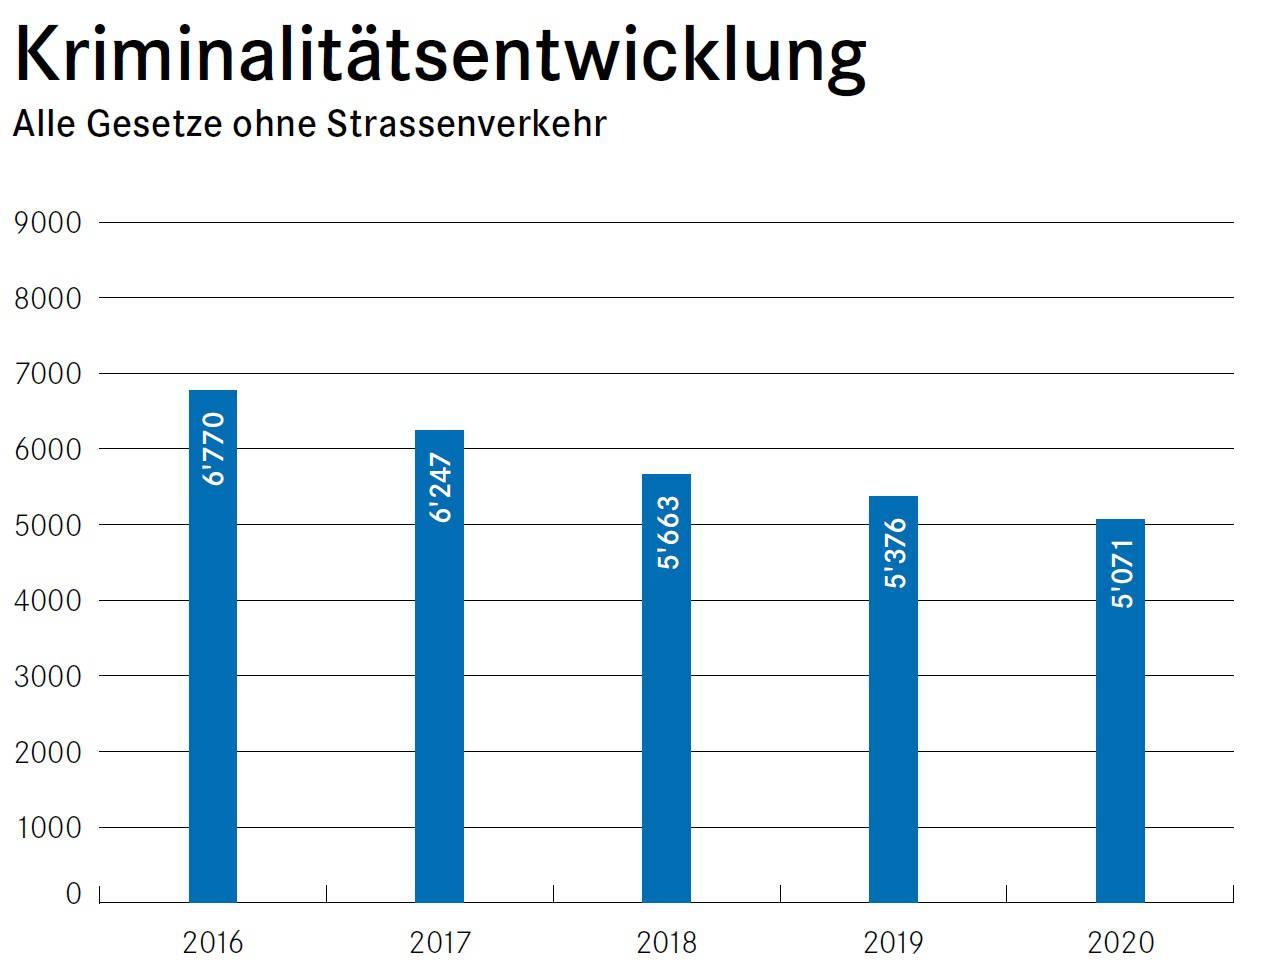 Die Gesamtzahl der erfassten Straftaten im Kanton Zug sank 2020 gegenüber dem Vorjahr um 305 Delikte.